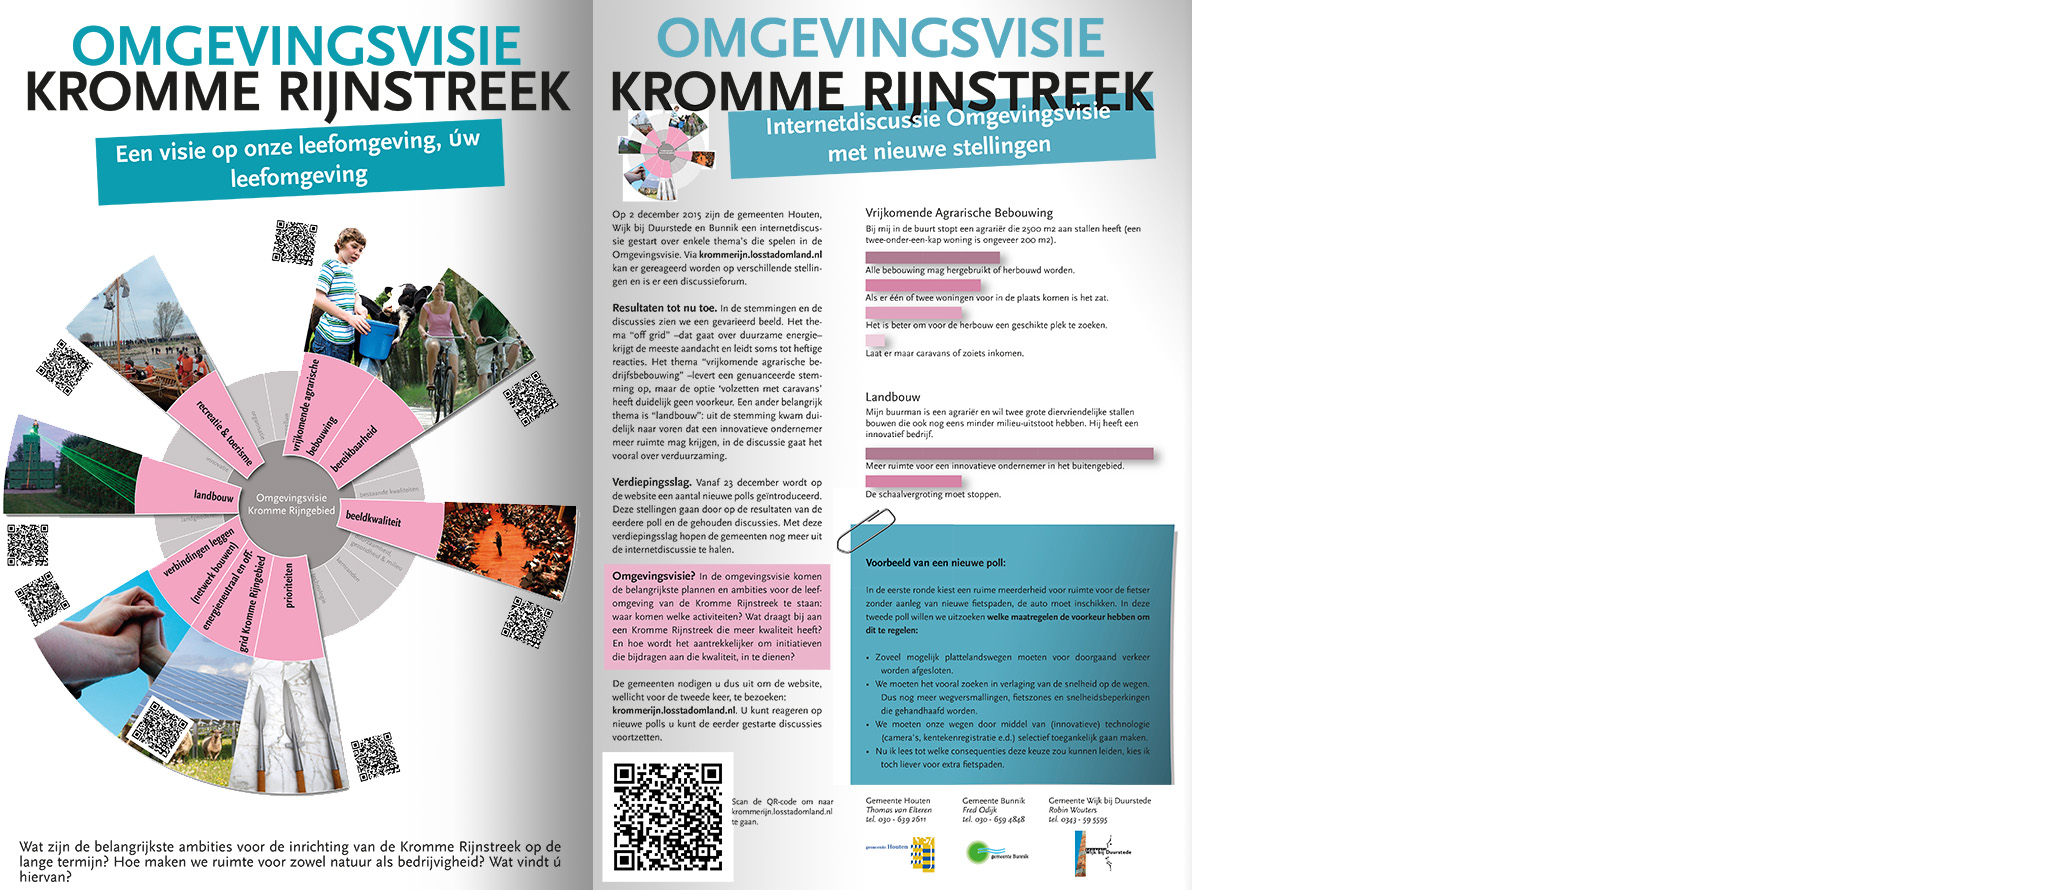 Omgevingsvisie Kromme Rijngebied